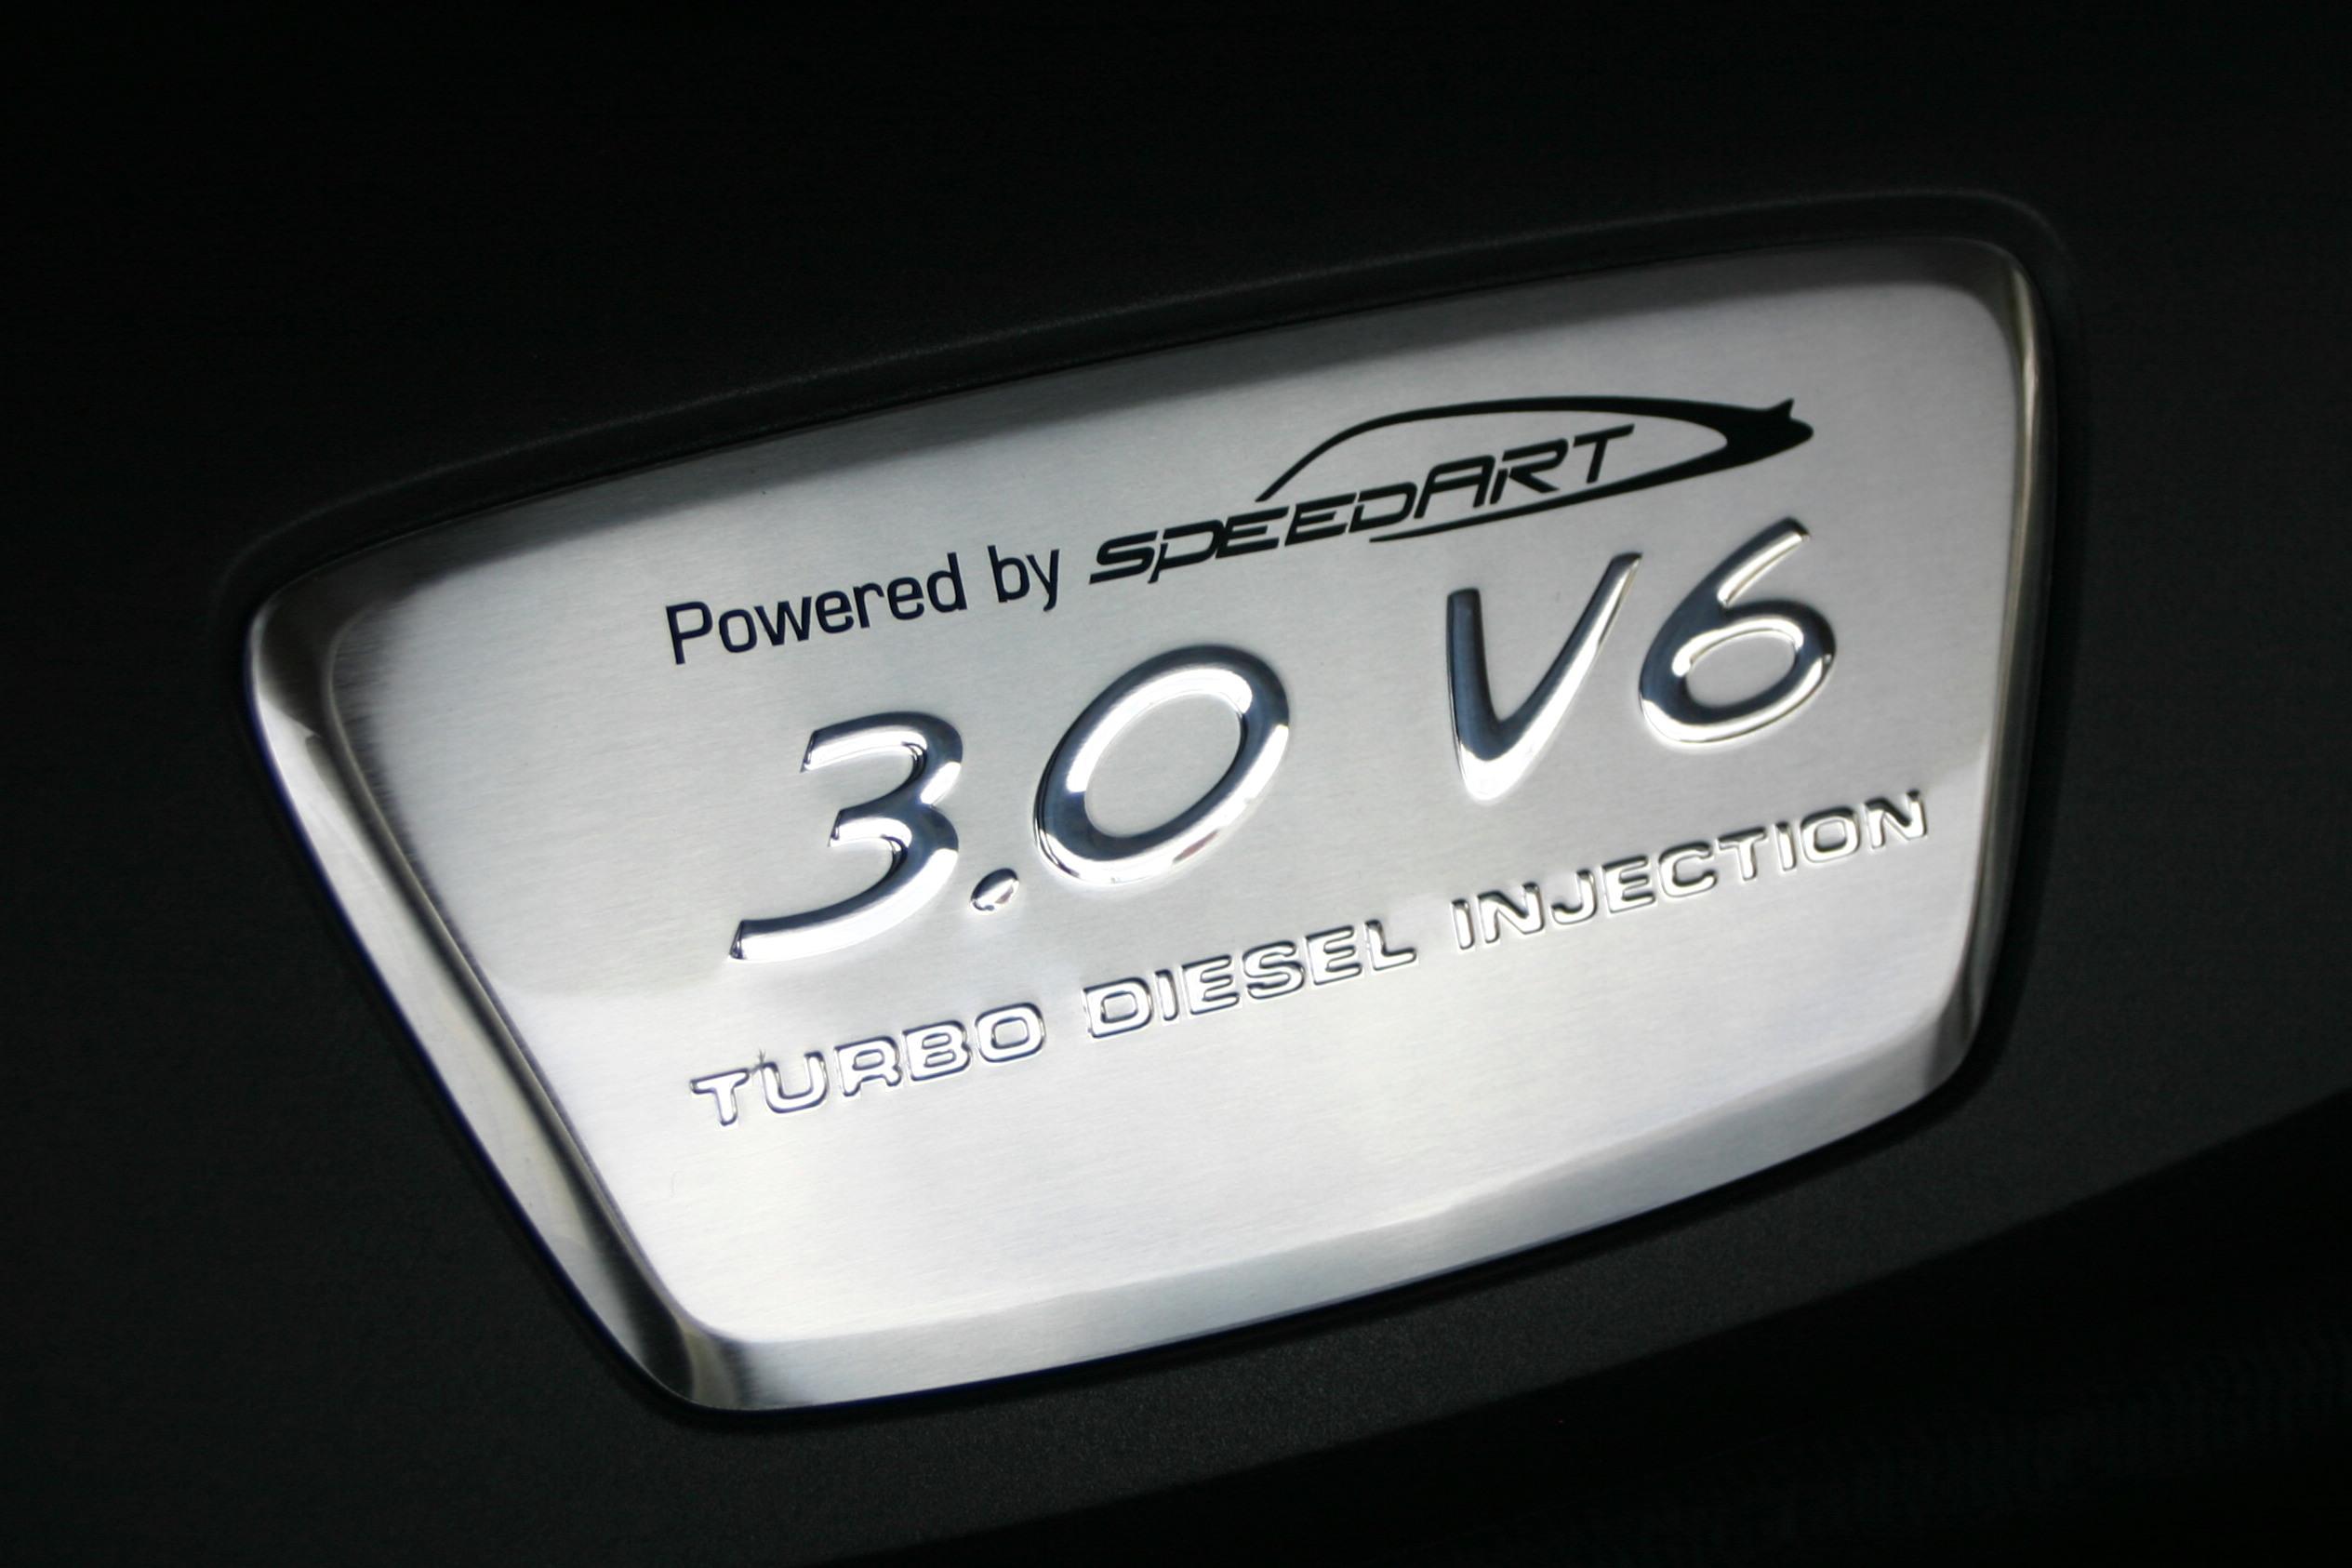 デスクトップ壁紙 白 ロゴ ブランド ラベル 12年 Netcarshow ネットカー 車の画像 車の写真 ホイール Speedart Ps9 300d ポルシェパナメダディーゼルに基づく シンボル 数 自動車外装 フォント 車両登録プレート 2529x1686 Netcarshow